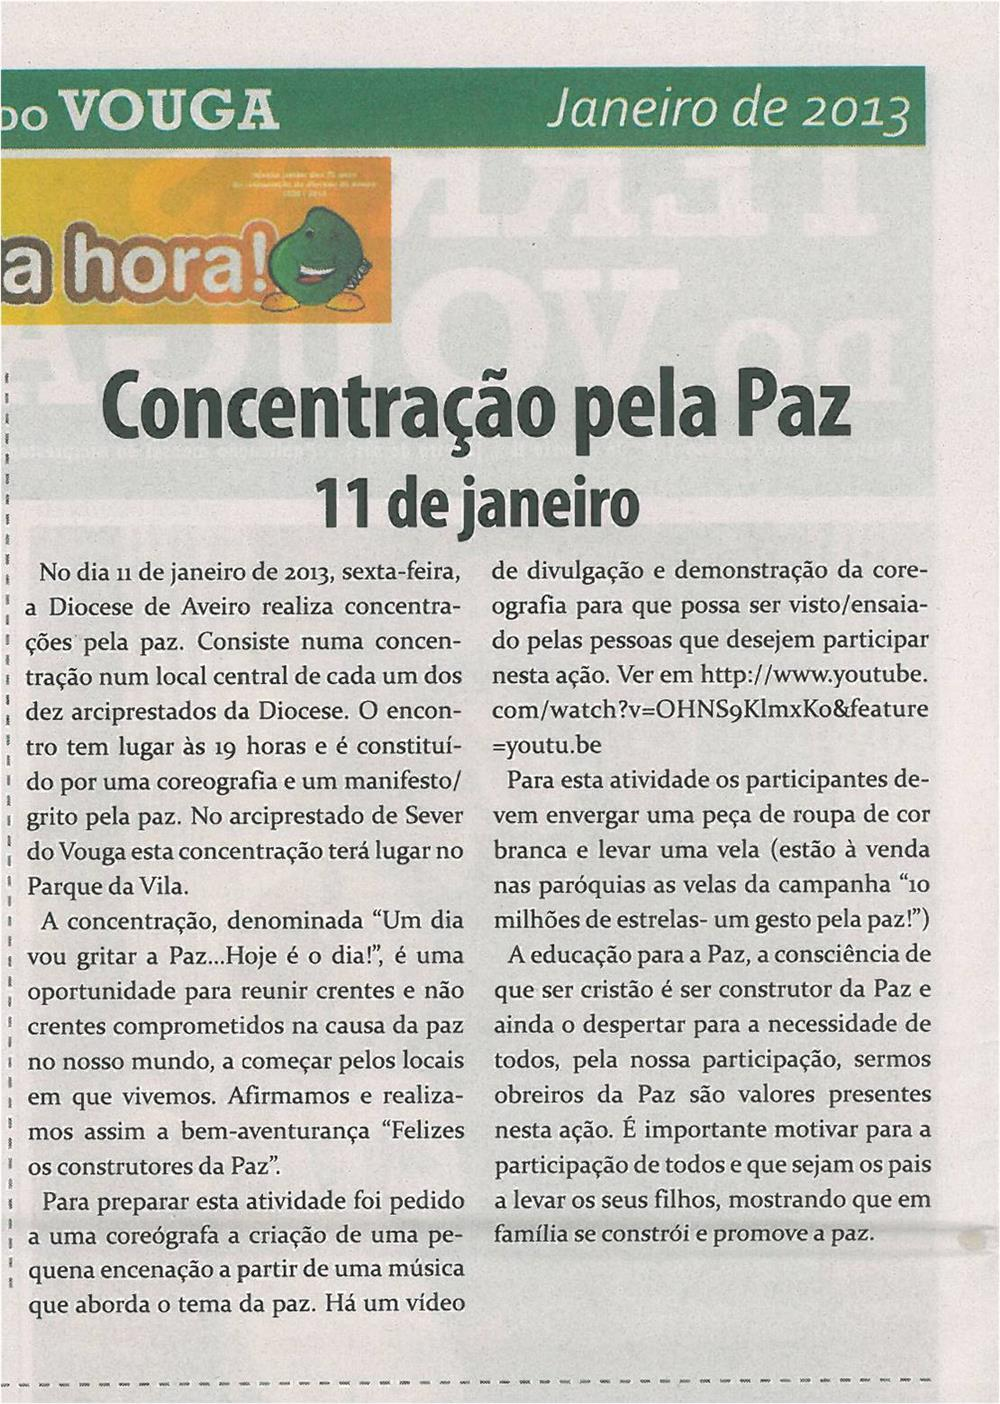 TV-jan13-p2-Concentração pela paz